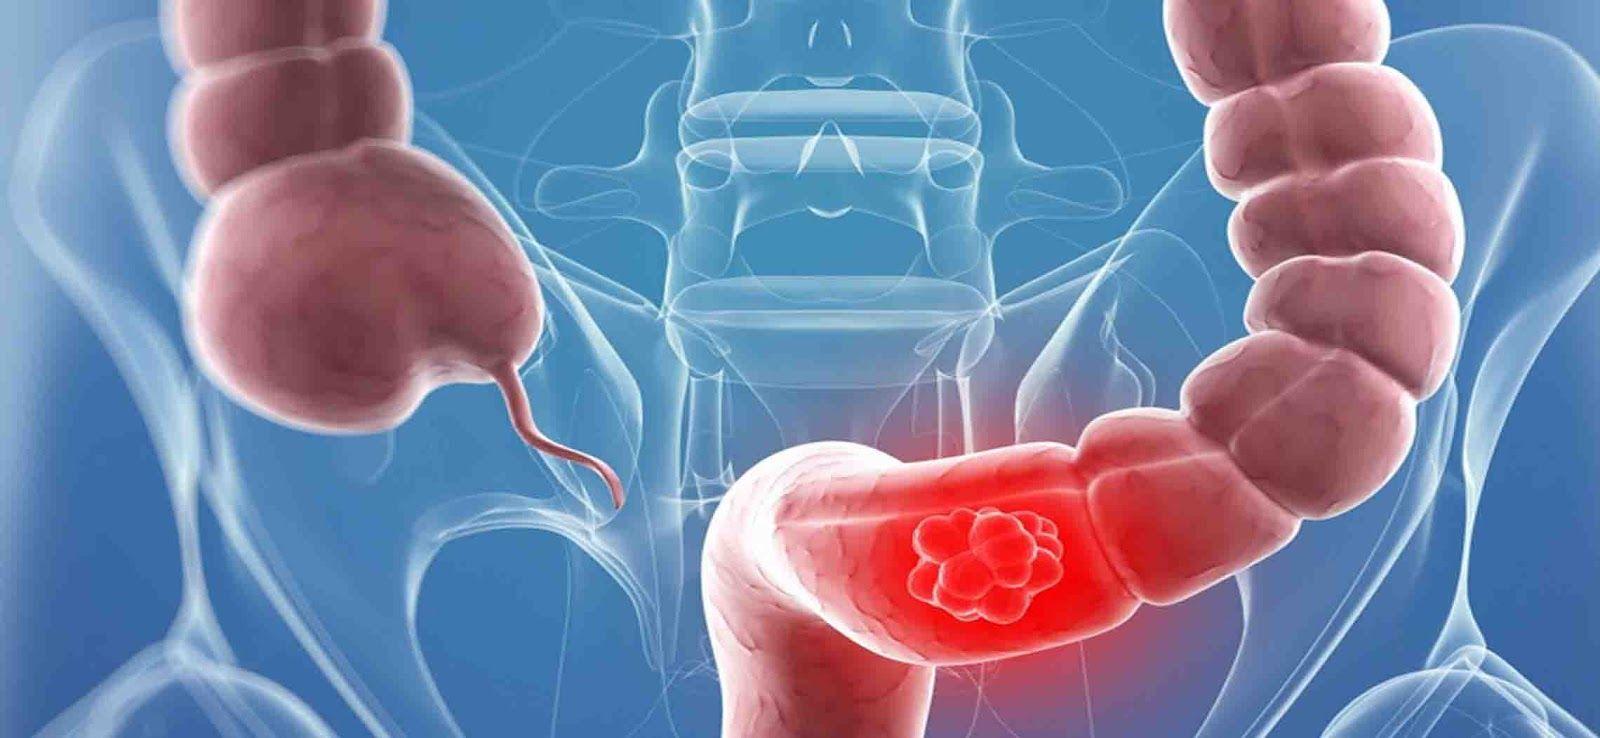 Ung thư đại tràng là bệnh lý phổ biến ở Việt Nam